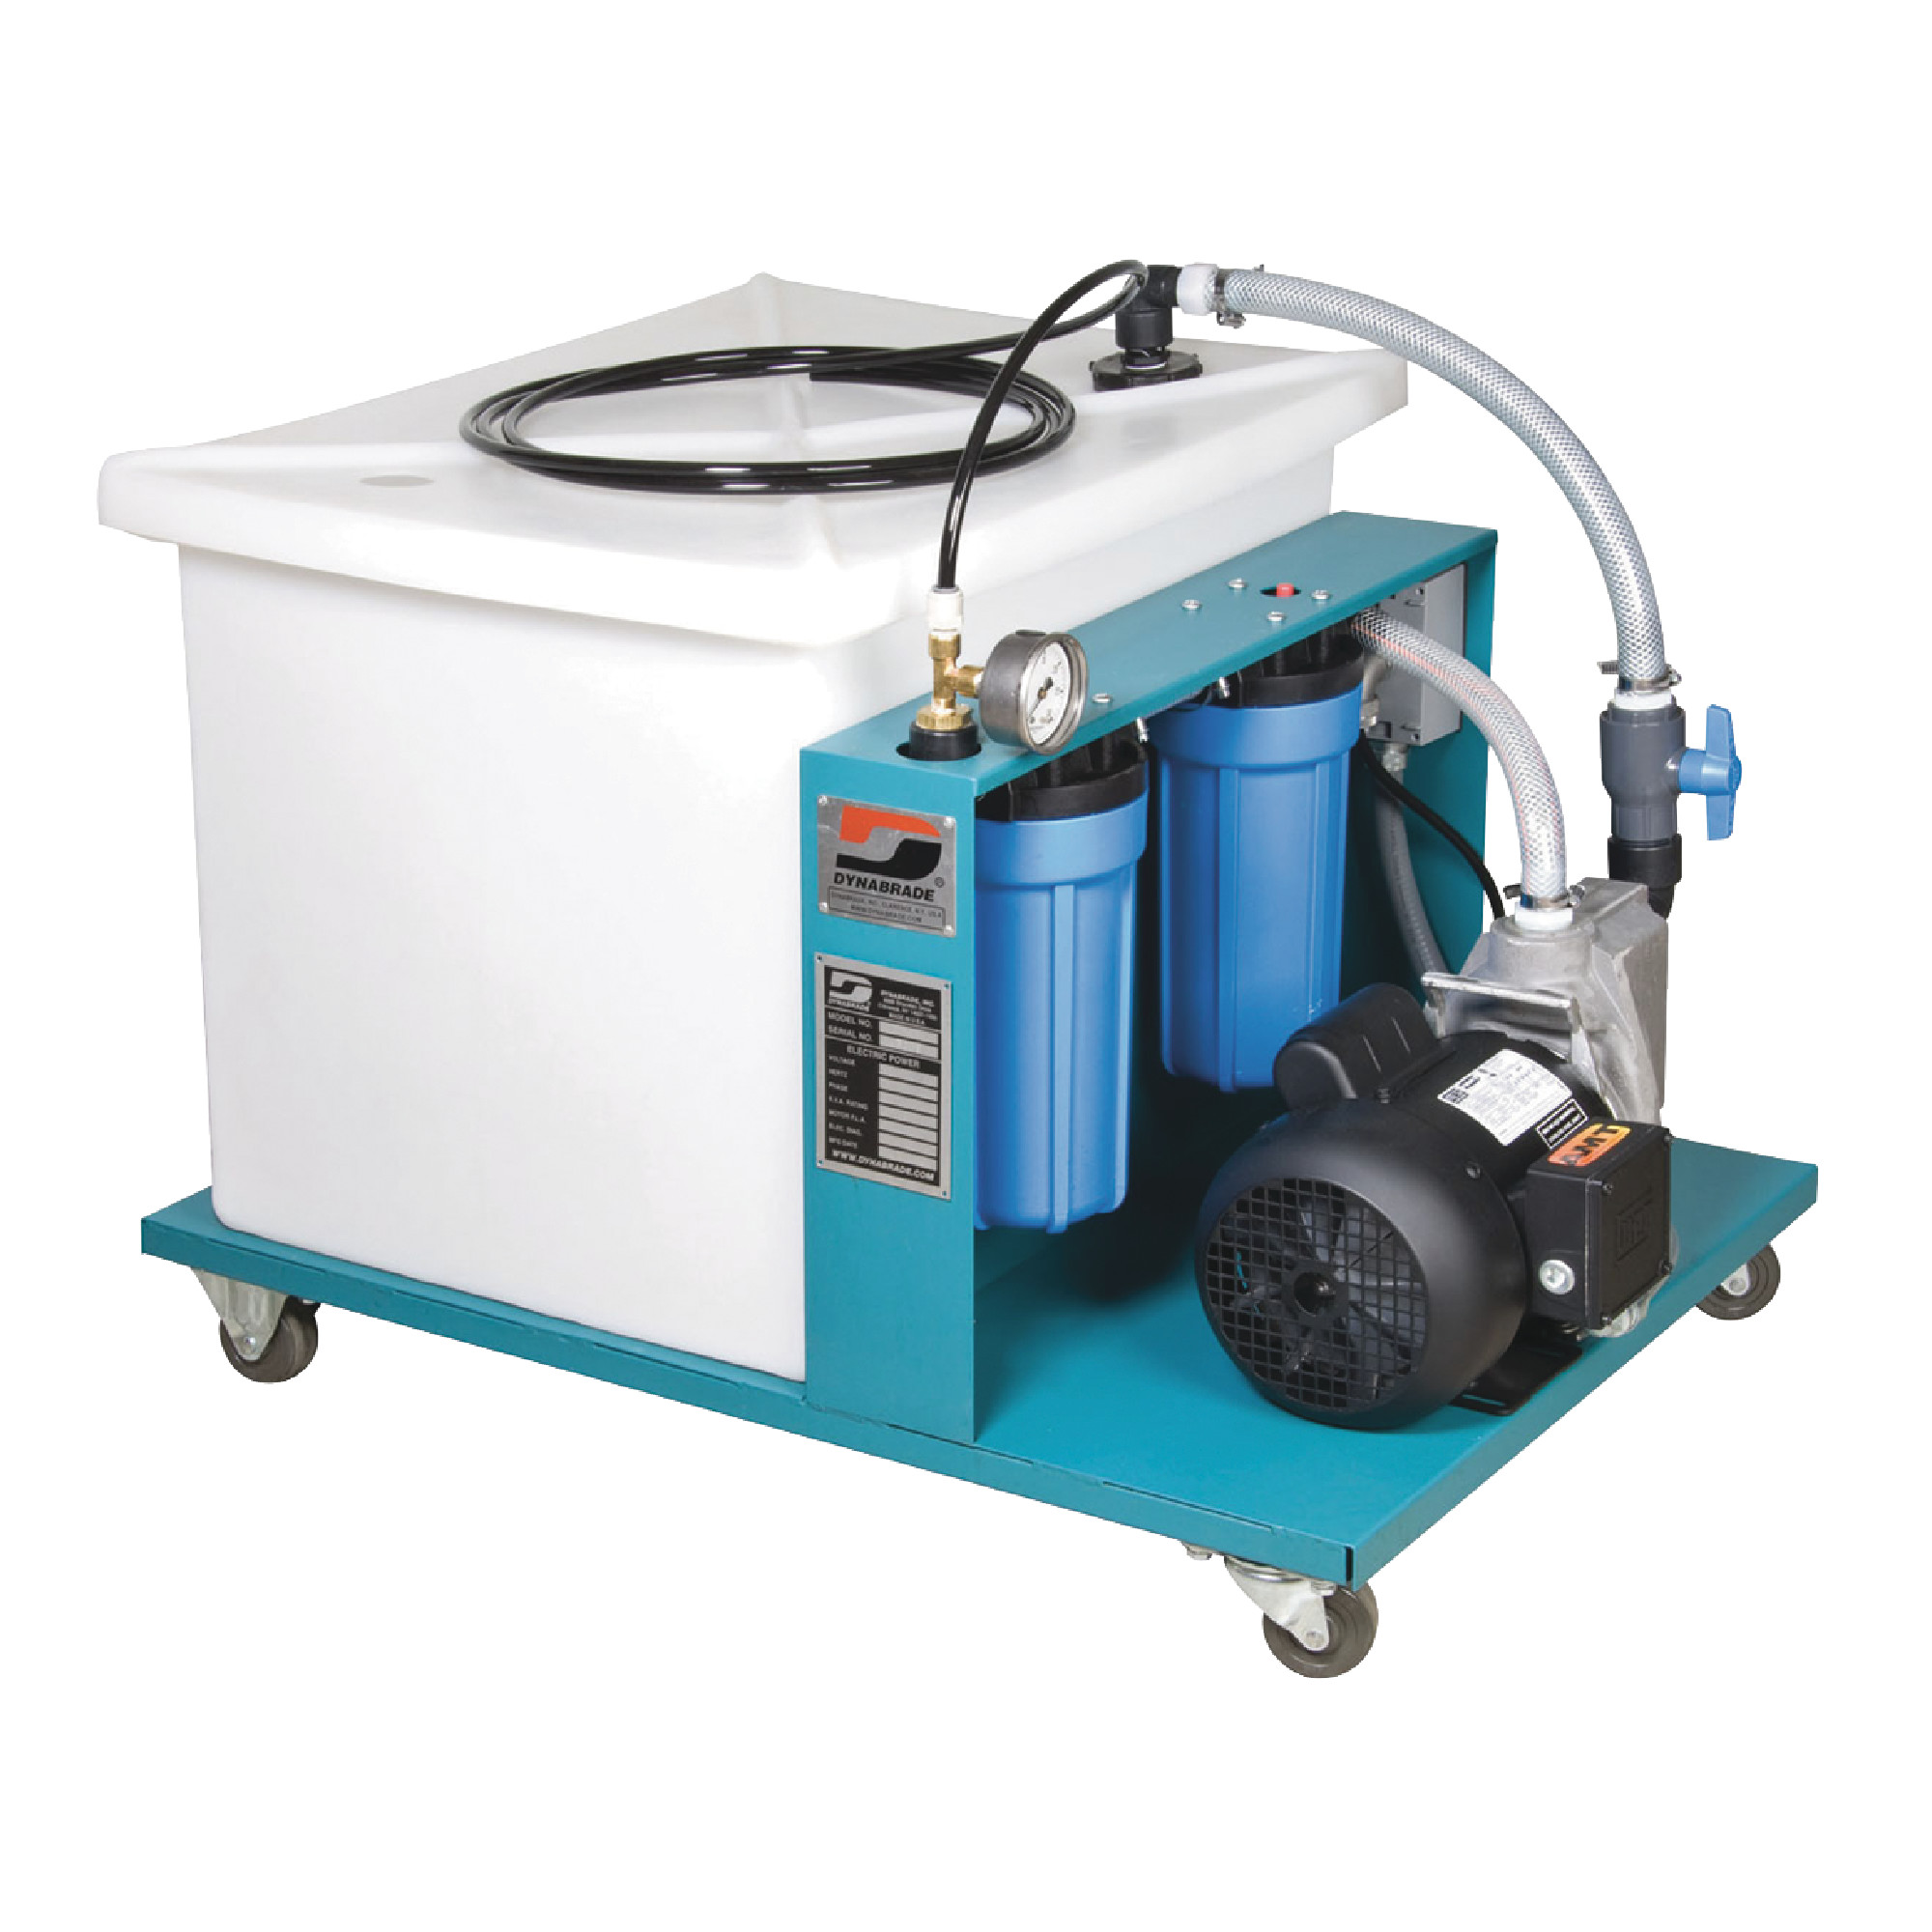 Coolant Filtration System - 230 Volt